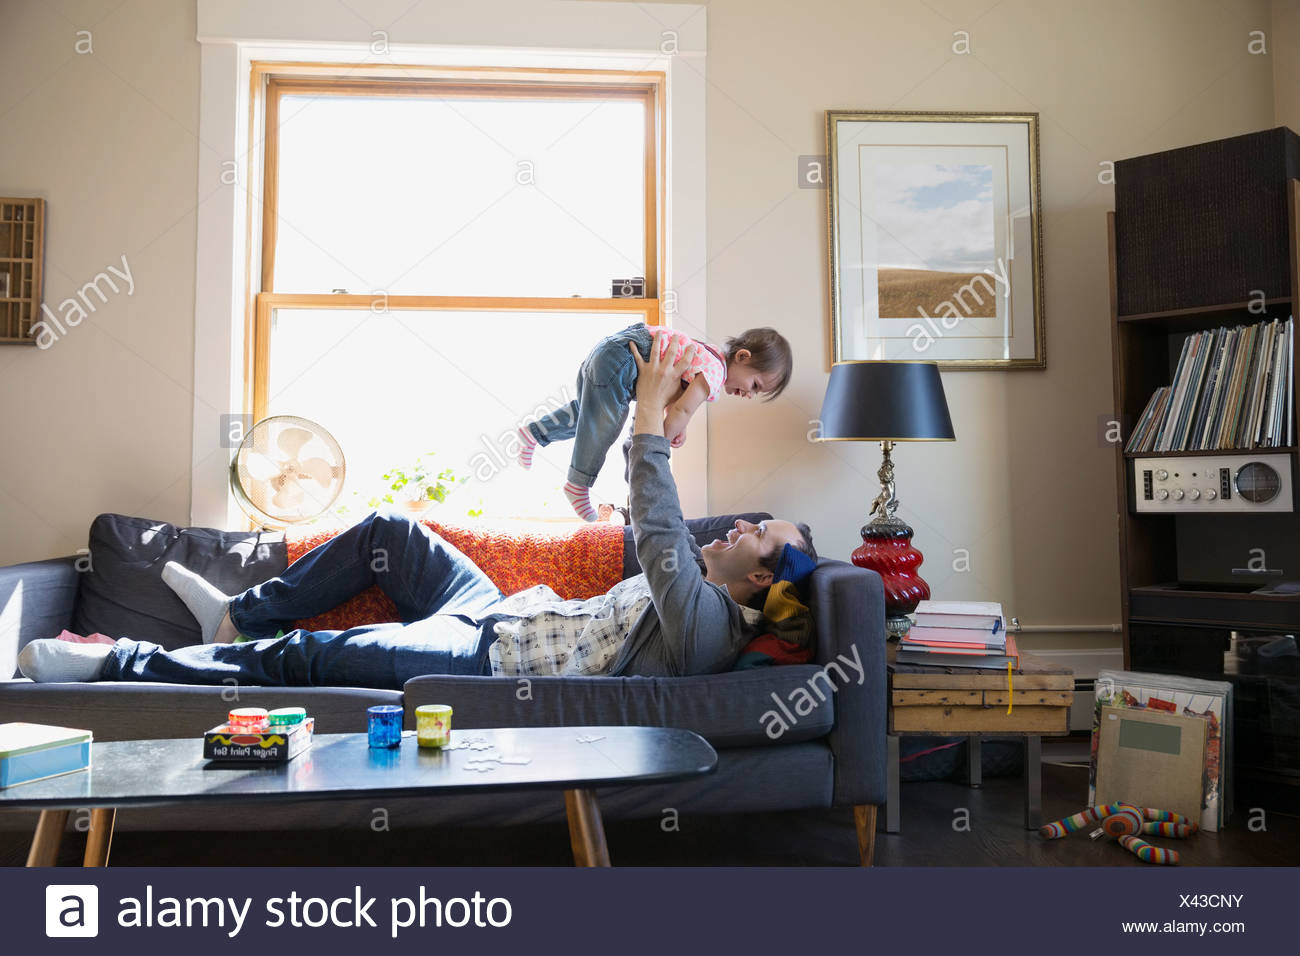 Padre hija de elevación sobrecarga en sofá Imagen De Stock